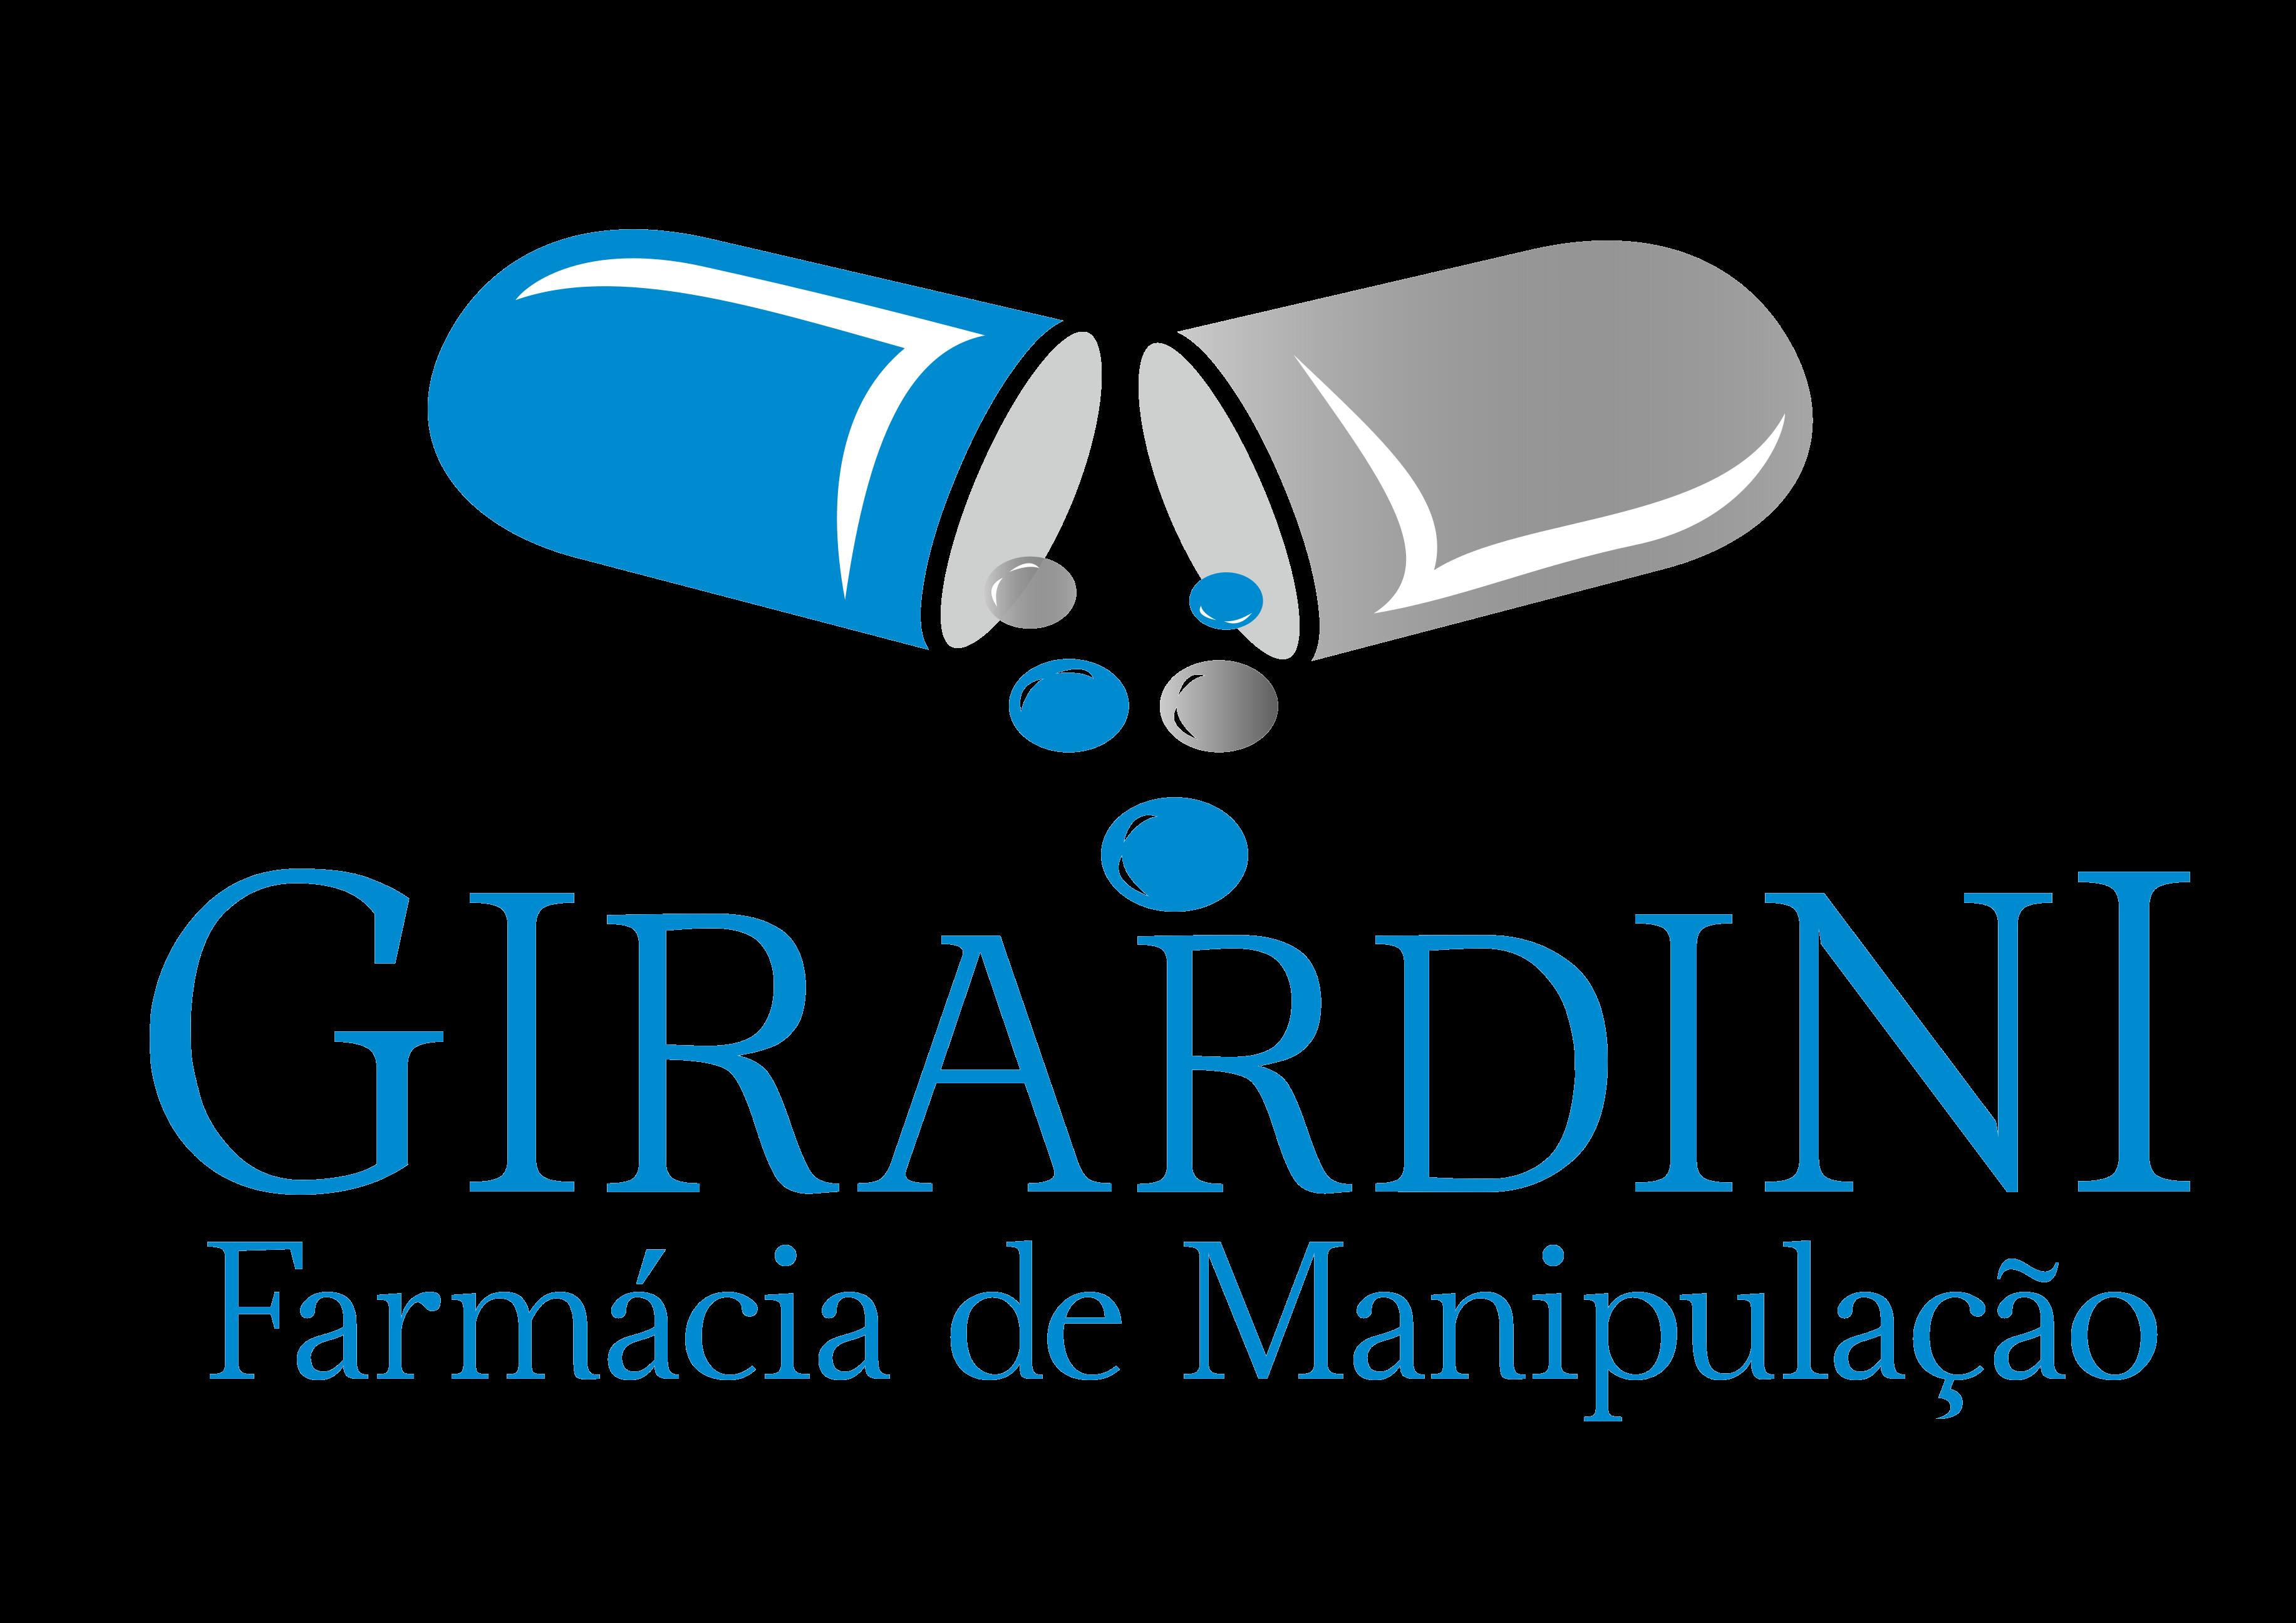 FARMÁCIA DE MANIPULAÇÃO GIRARDINI